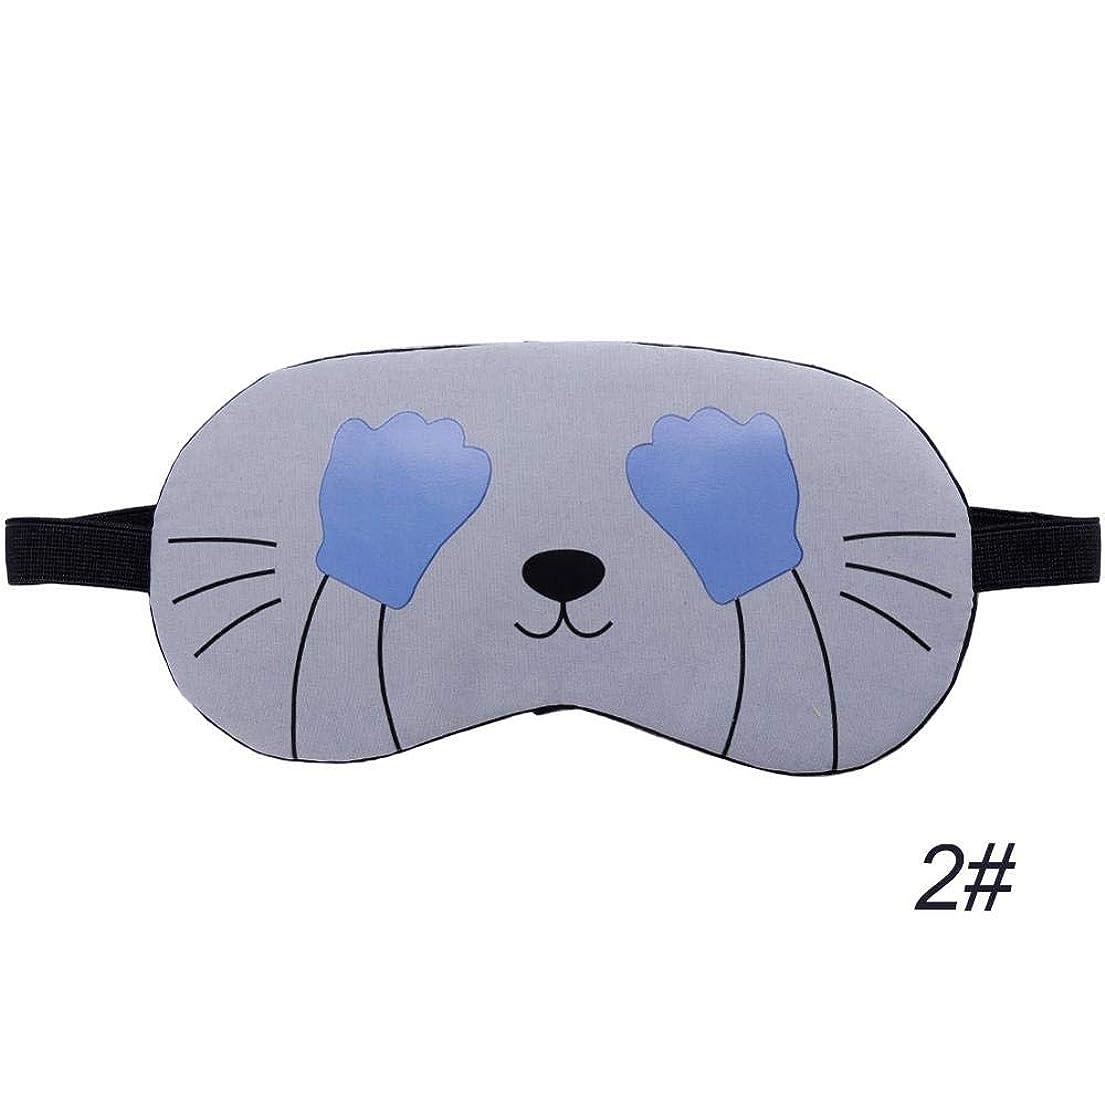 防衛理論フリルNOTE かわいい猫漫画ソフトアイ睡眠補助マスクで快適なアイス圧縮ゲル旅行残りアイシェードカバー目隠し#280205